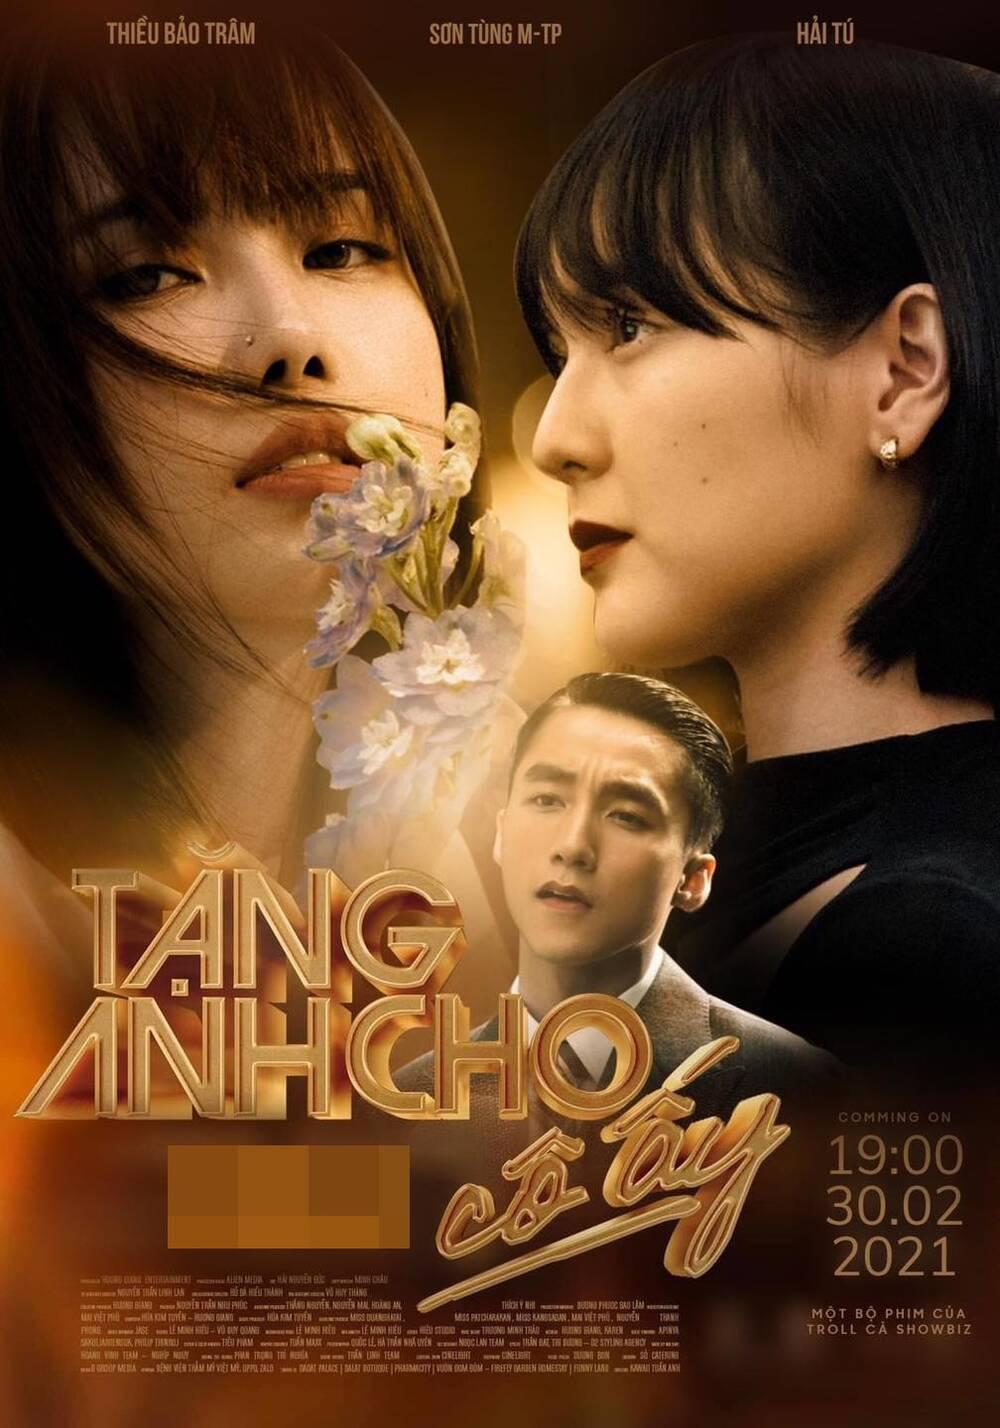 """Hải Tú bị Netizen """"cà khịa"""", Sơn Tùng bị fan yêu cầu làm rõ chuyện với Thiều Bảo Trâm - Ảnh 3."""